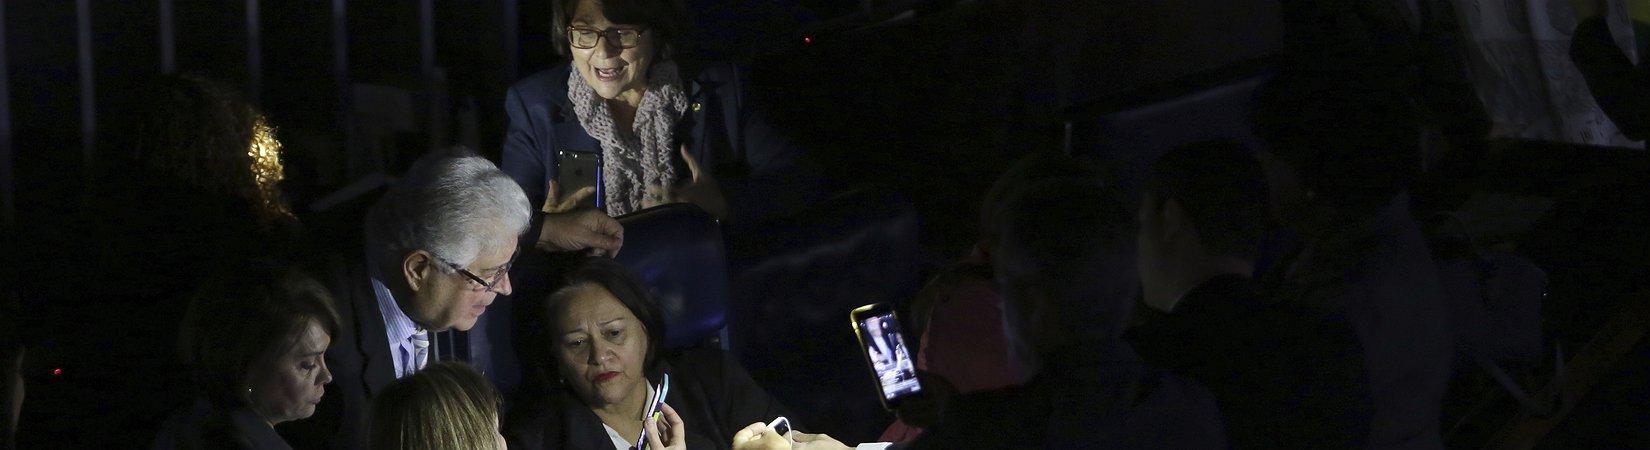 Senado brasileiro aprova primeira grande revisão de leis laborais em sete décadas